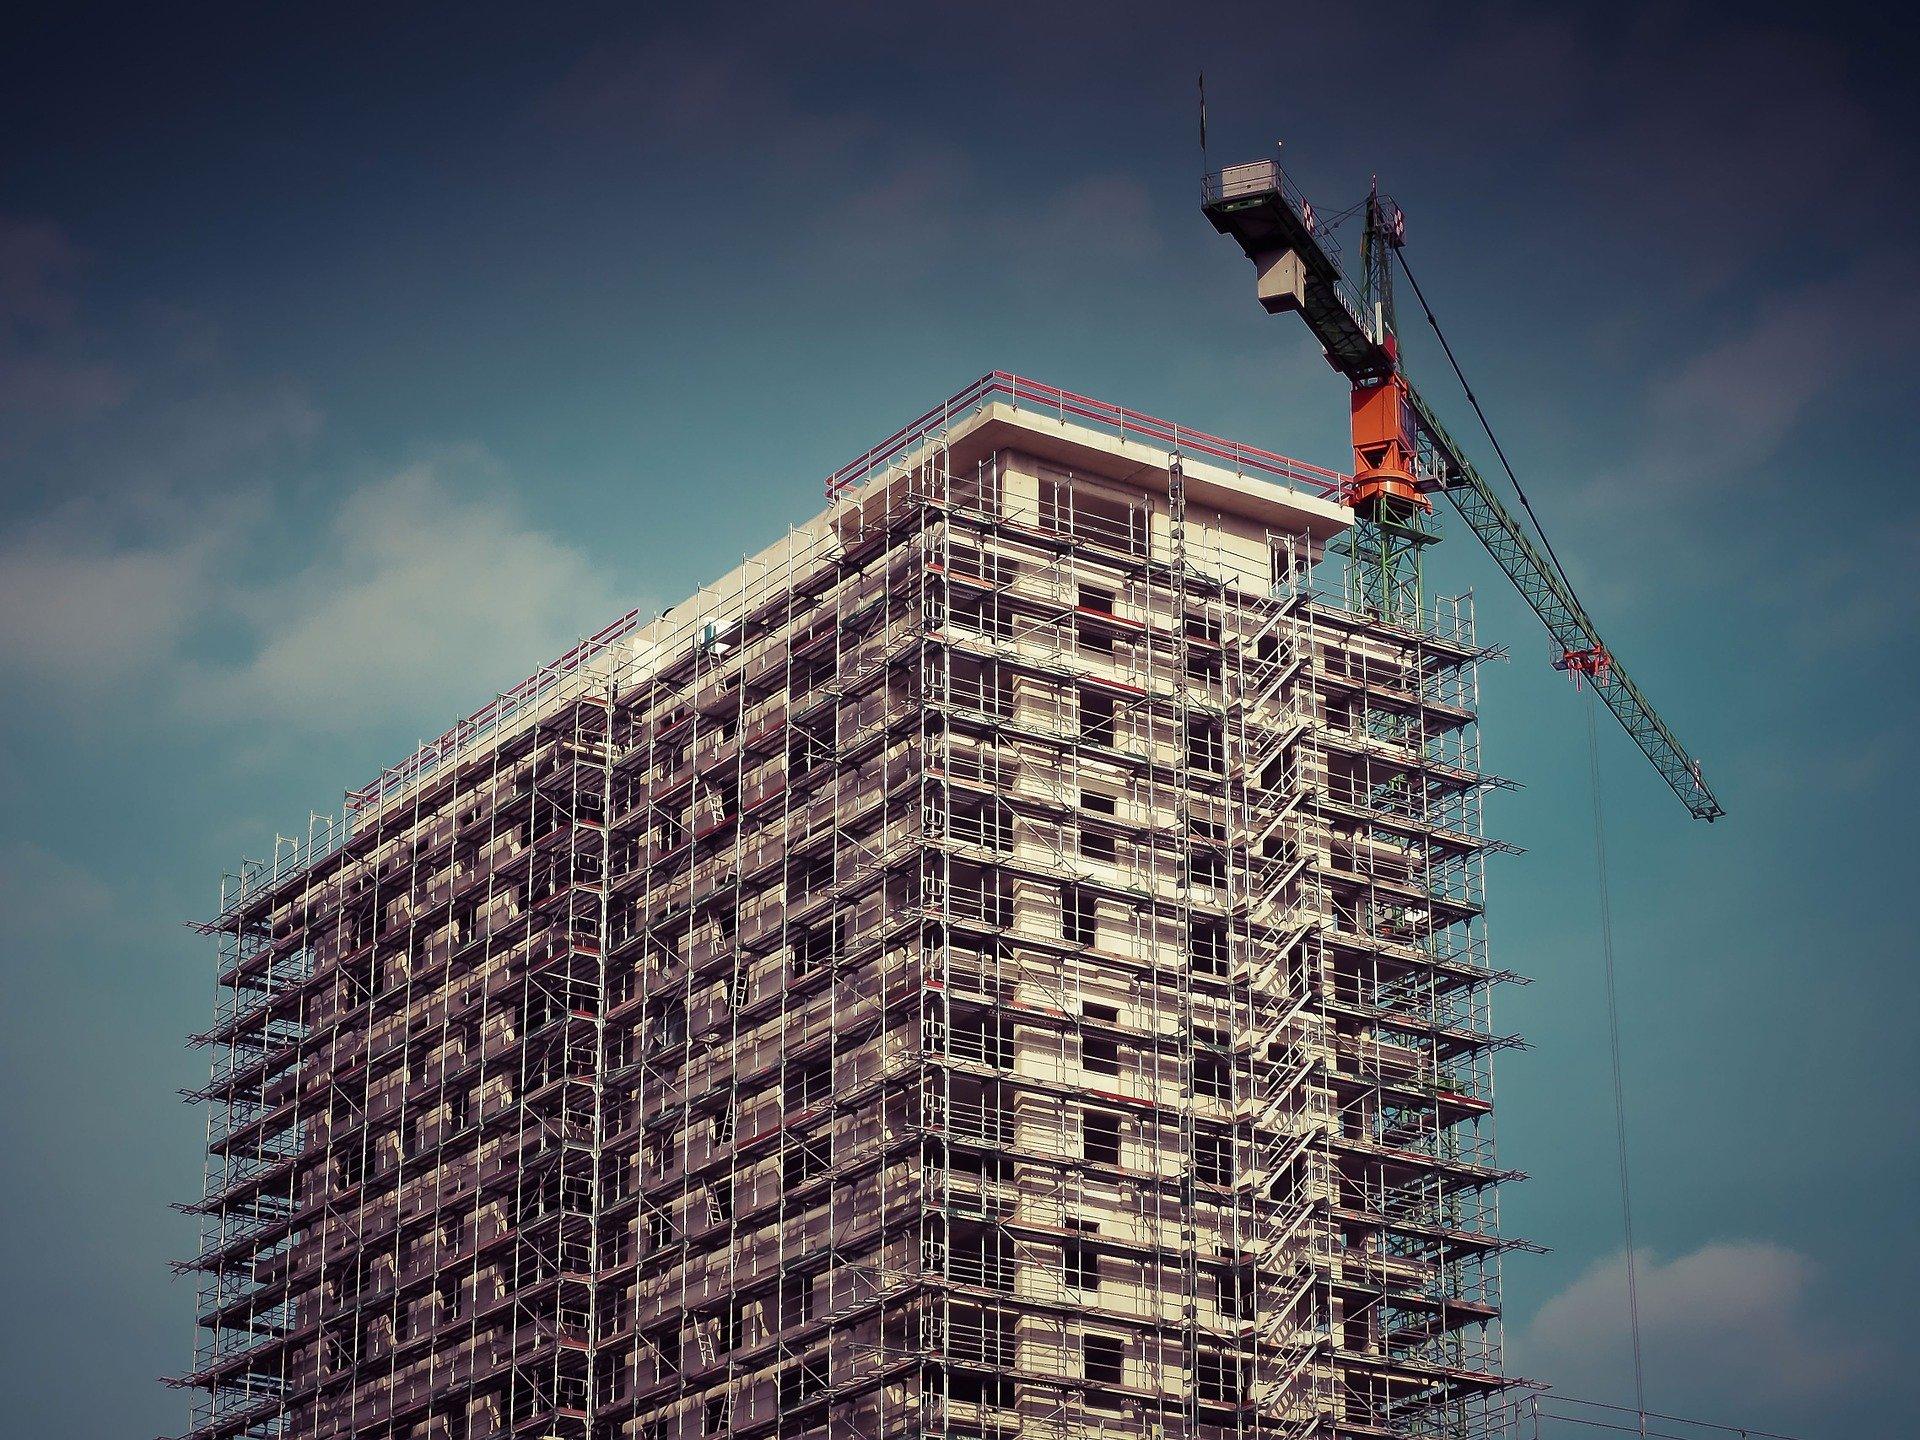 Folyamatos lakásépítési megrendelésekre számítanak az építési vállalkozók